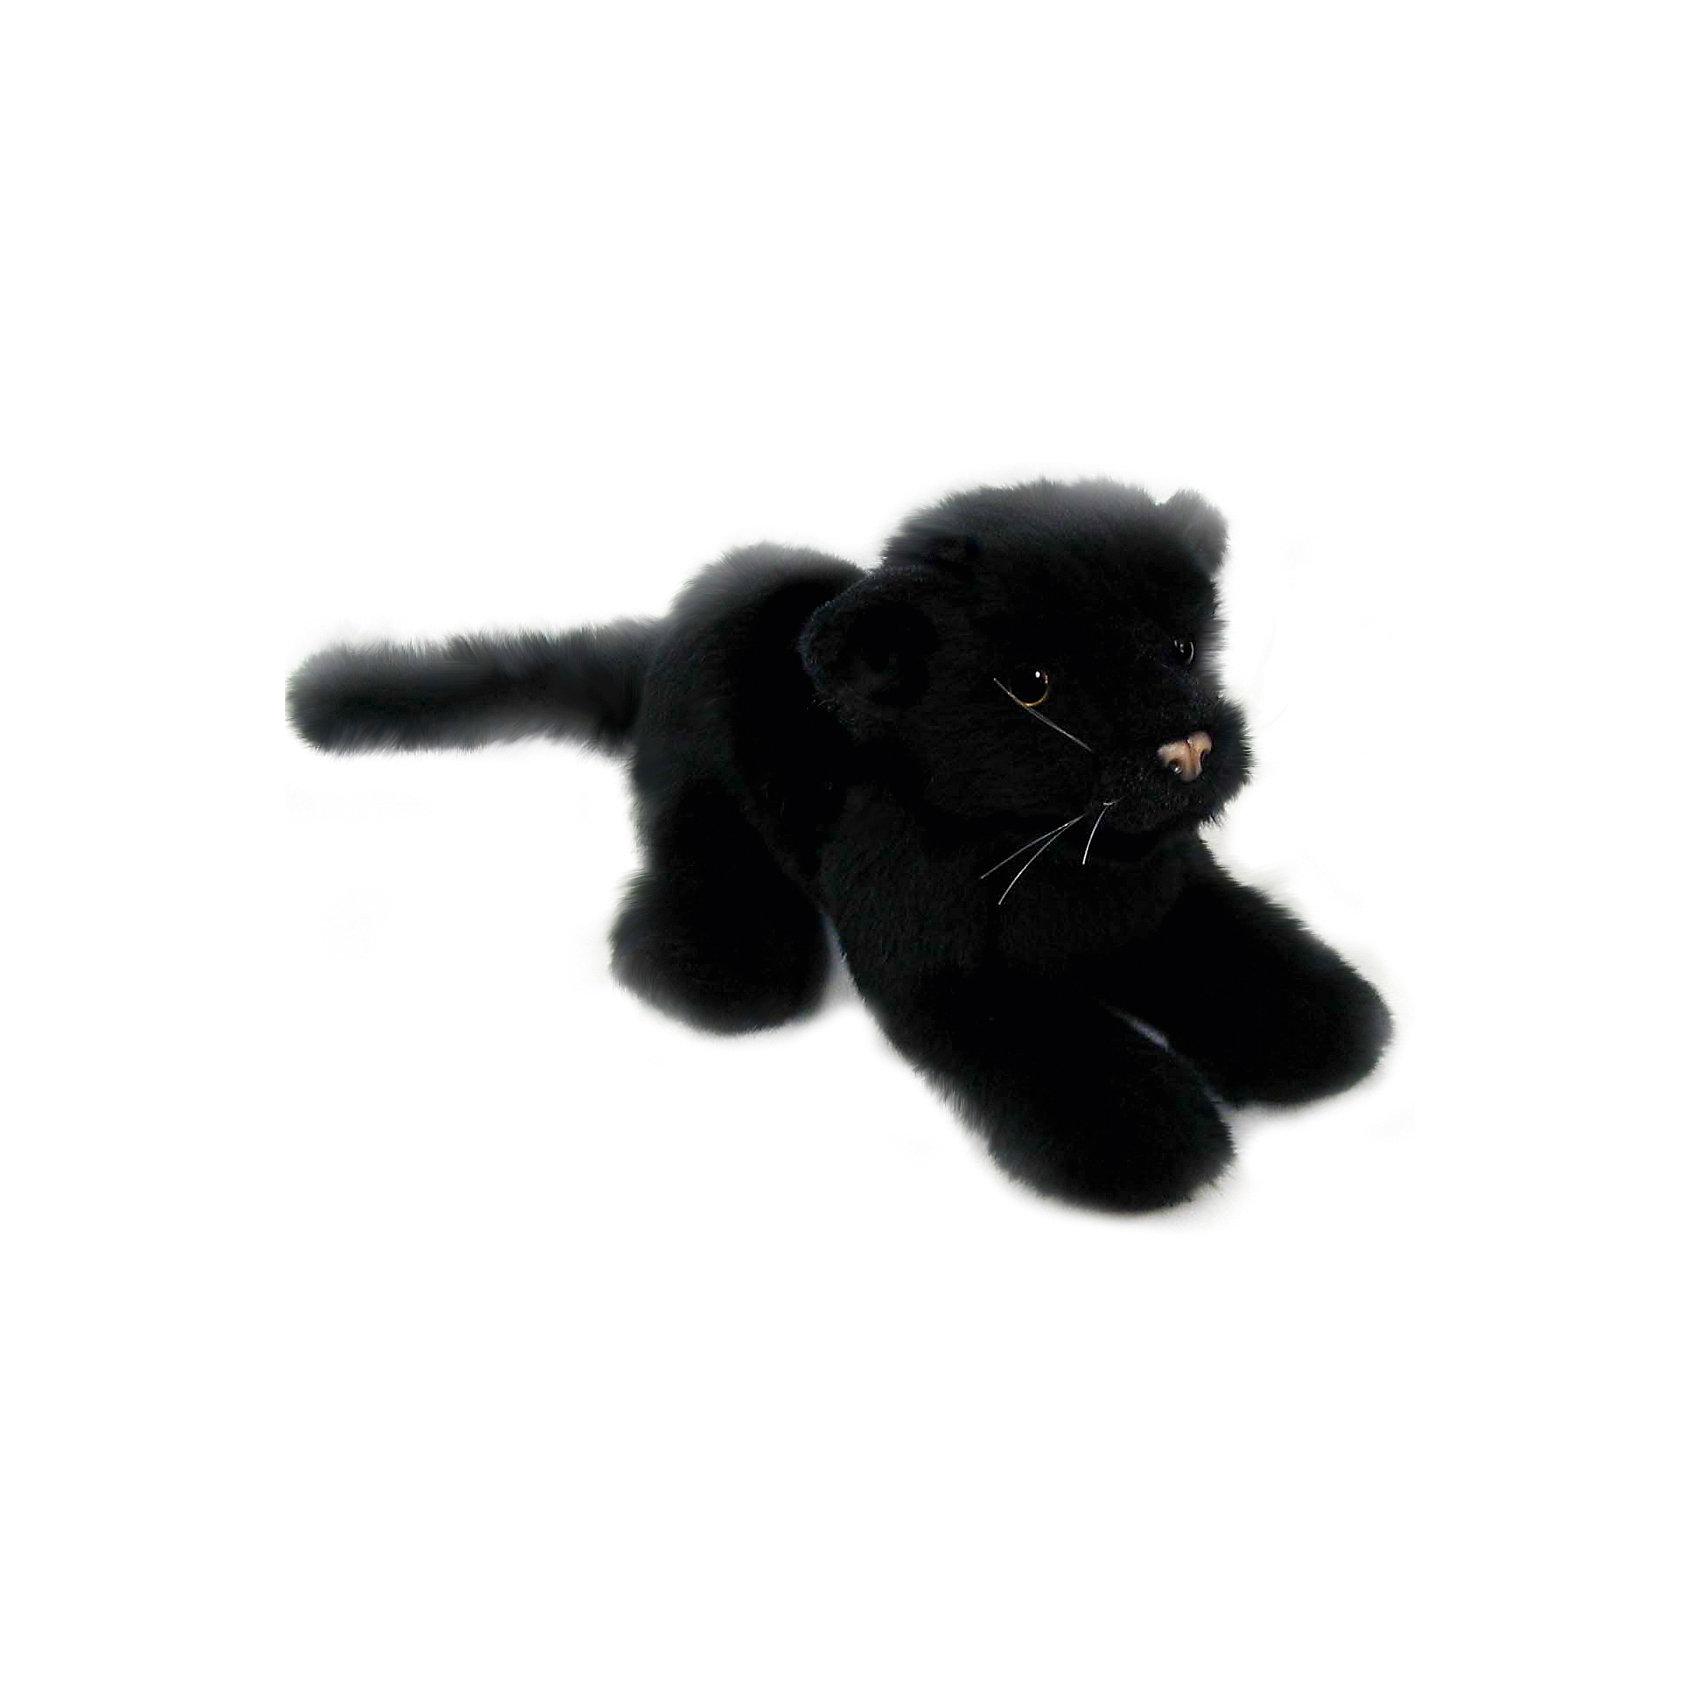 Детеныш черной пантеры, 26 смДетеныш черной пантеры, 26 см – игрушка от знаменитого бренда Hansa, специализирующегося на выпуске мягких игрушек с высокой степенью натуралистичности. Внешний вид игрушечного котенка черной пантеры полностью соответствует реальному прототипу. Он выполнен из искусственного черного меха с ворсом средней длины. Использованные материалы обладают гипоаллергенными свойствами. Внутри игрушки имеется металлический каркас, позволяющий изменять положение. <br>Игрушка относится к серии Дикие животные. <br>Мягкие игрушки от Hansa подходят для сюжетно-ролевых игр, для обучающих игр, направленных на знакомство с животным миром дикой природы. Кроме того, их можно использовать в качестве интерьерных игрушек. Коллекция из нескольких игрушек позволяет создать свой домашний зоопарк, который будет радовать вашего ребенка долгое время, так как ручная работа и качественные материалы гарантируют их долговечность и прочность.<br><br>Дополнительная информация:<br><br>- Вид игр: сюжетно-ролевые игры, коллекционирование, интерьерные игрушки<br>- Предназначение: для дома, для детских развивающих центров, для детских садов<br>- Материал: искусственный мех, наполнитель ? полиэфирное волокно<br>- Размер (ДхШхВ): 26*16*11 см<br>- Вес: 405 г<br>- Особенности ухода: сухая чистка при помощи пылесоса или щетки для одежды<br><br>Подробнее:<br><br>• Для детей в возрасте: от 3 лет <br>• Страна производитель: Филиппины<br>• Торговый бренд: Hansa<br><br>Детеныша черной пантеры, 26 см можно купить в нашем интернет-магазине.<br><br>Ширина мм: 26<br>Глубина мм: 16<br>Высота мм: 11<br>Вес г: 405<br>Возраст от месяцев: 36<br>Возраст до месяцев: 2147483647<br>Пол: Унисекс<br>Возраст: Детский<br>SKU: 4927178